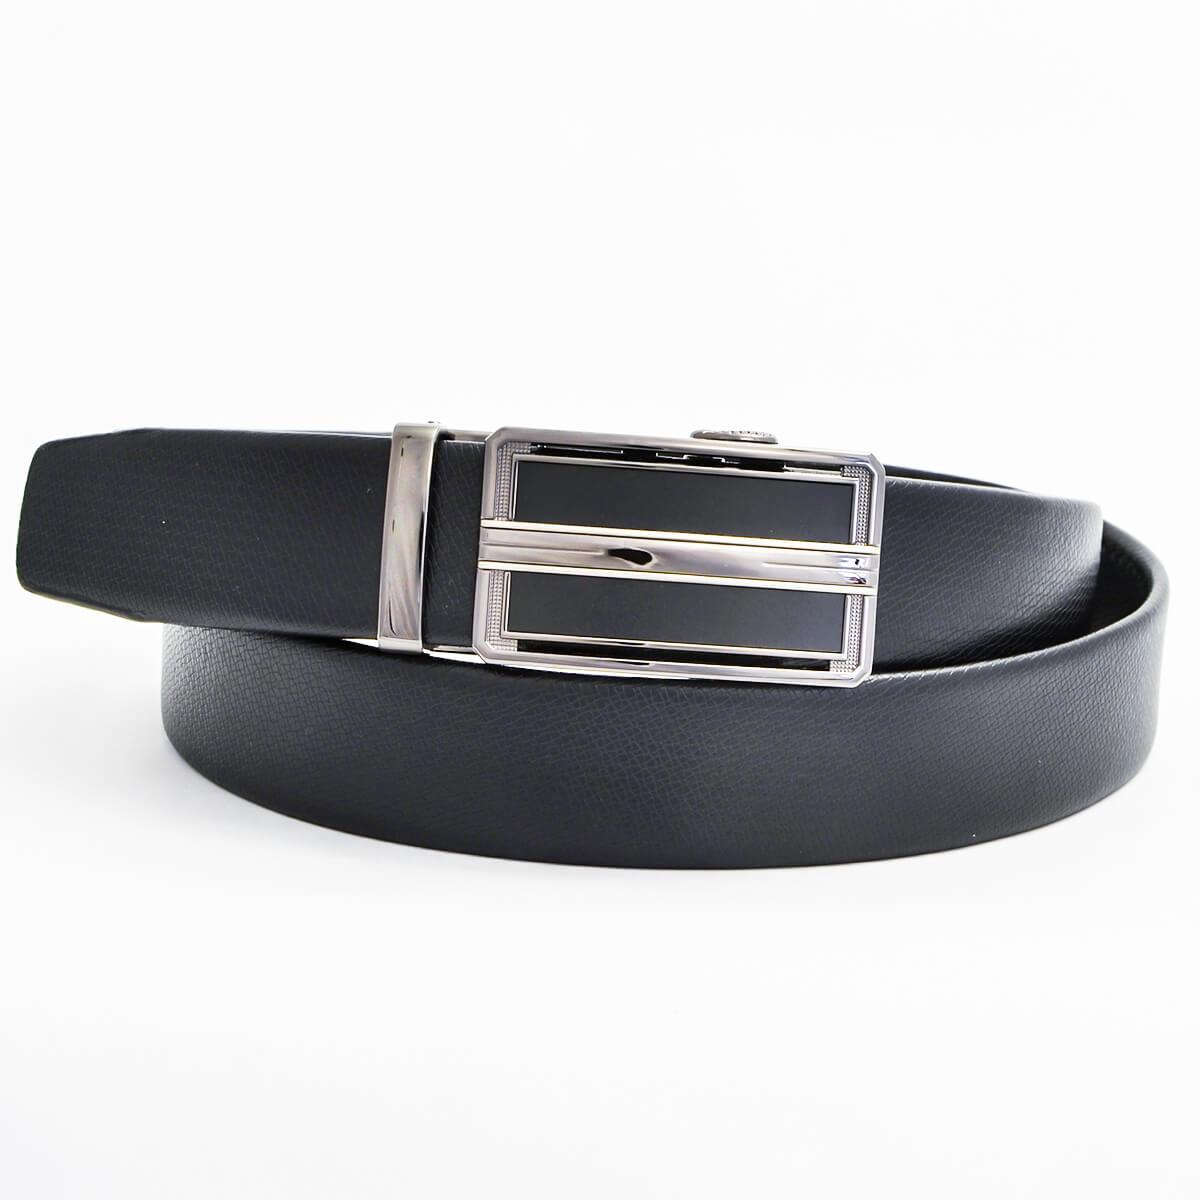 Pánsky kožený opasok - čierny vzor 6, veľkosť 50 (dĺžka 125 cm)